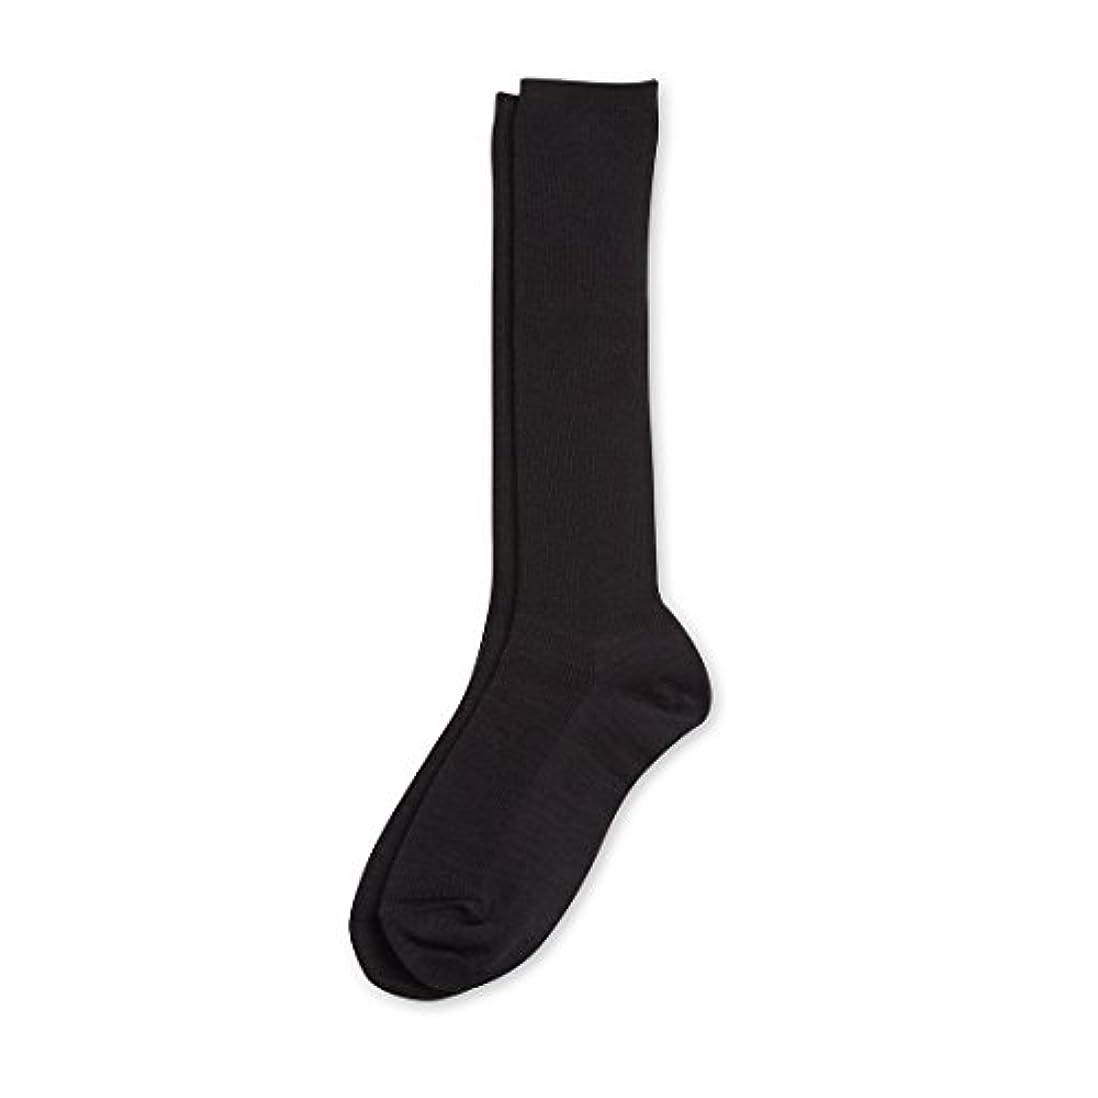 引退する奇跡したいDeol(デオル) ハイソックス 女性用 日本製 靴下 黒 23cm-25cm